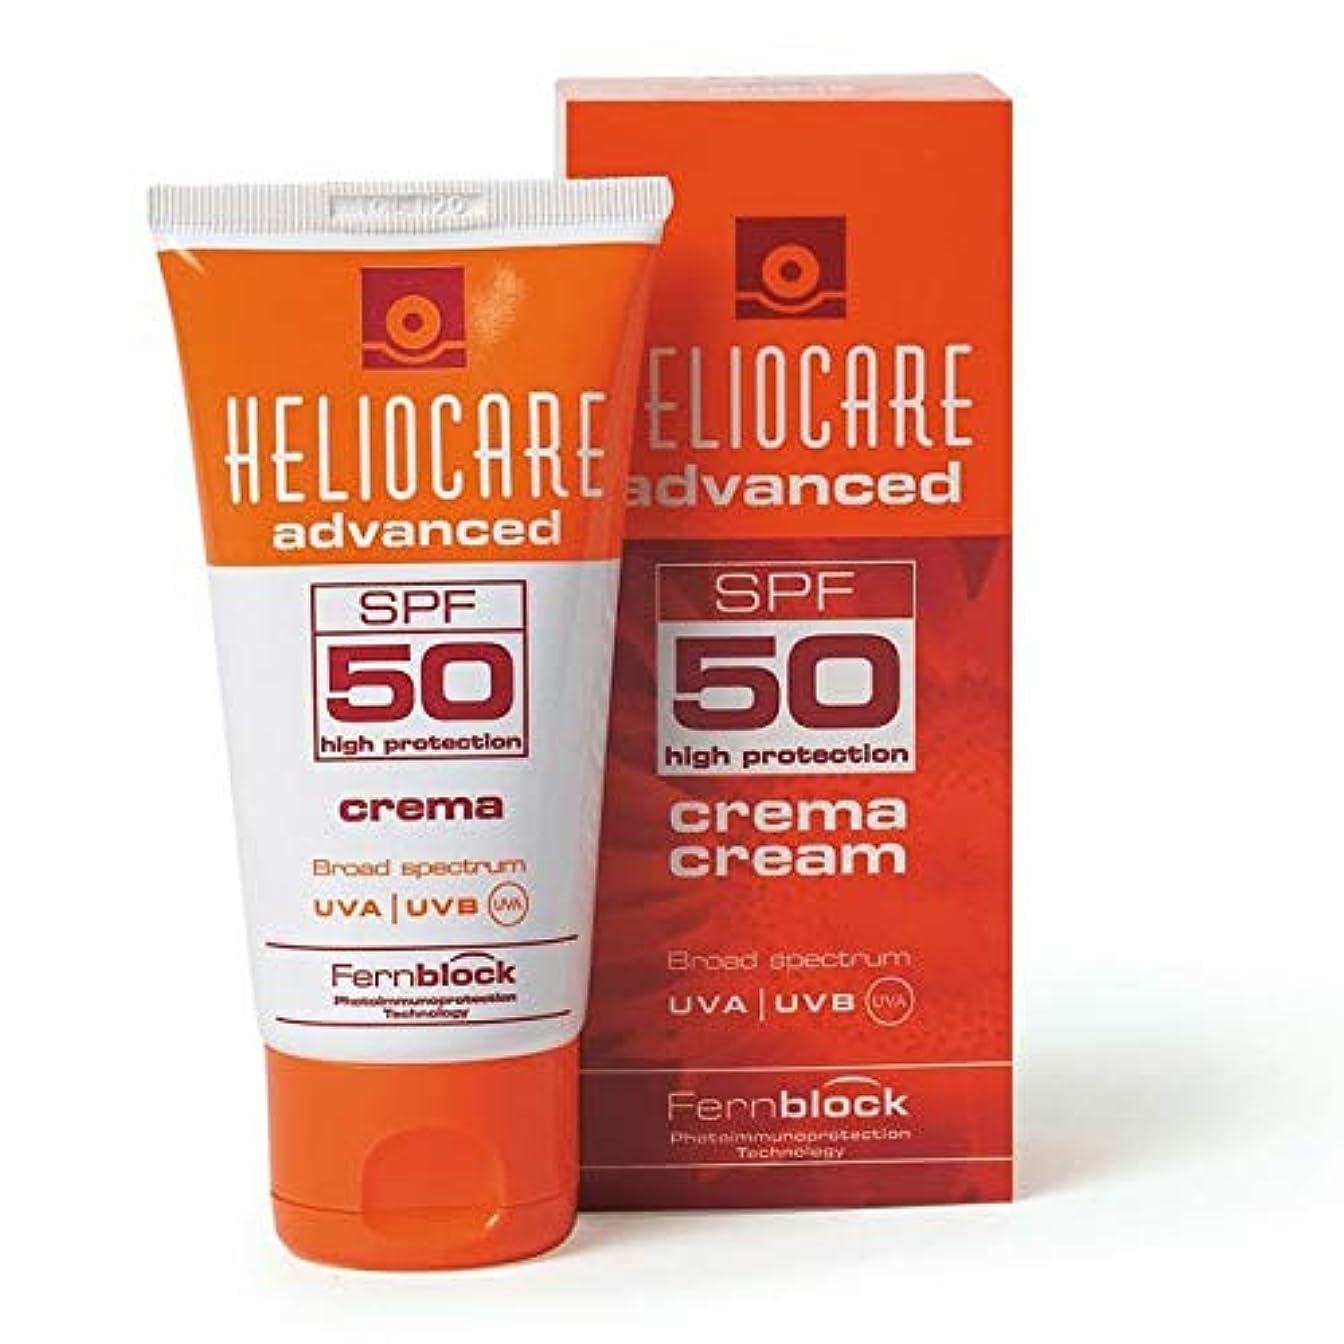 振動する争いサイクルヘリオケア日焼け止めクリームSPF50 HELIOCARE Advanced cream 50ml 国内正規品